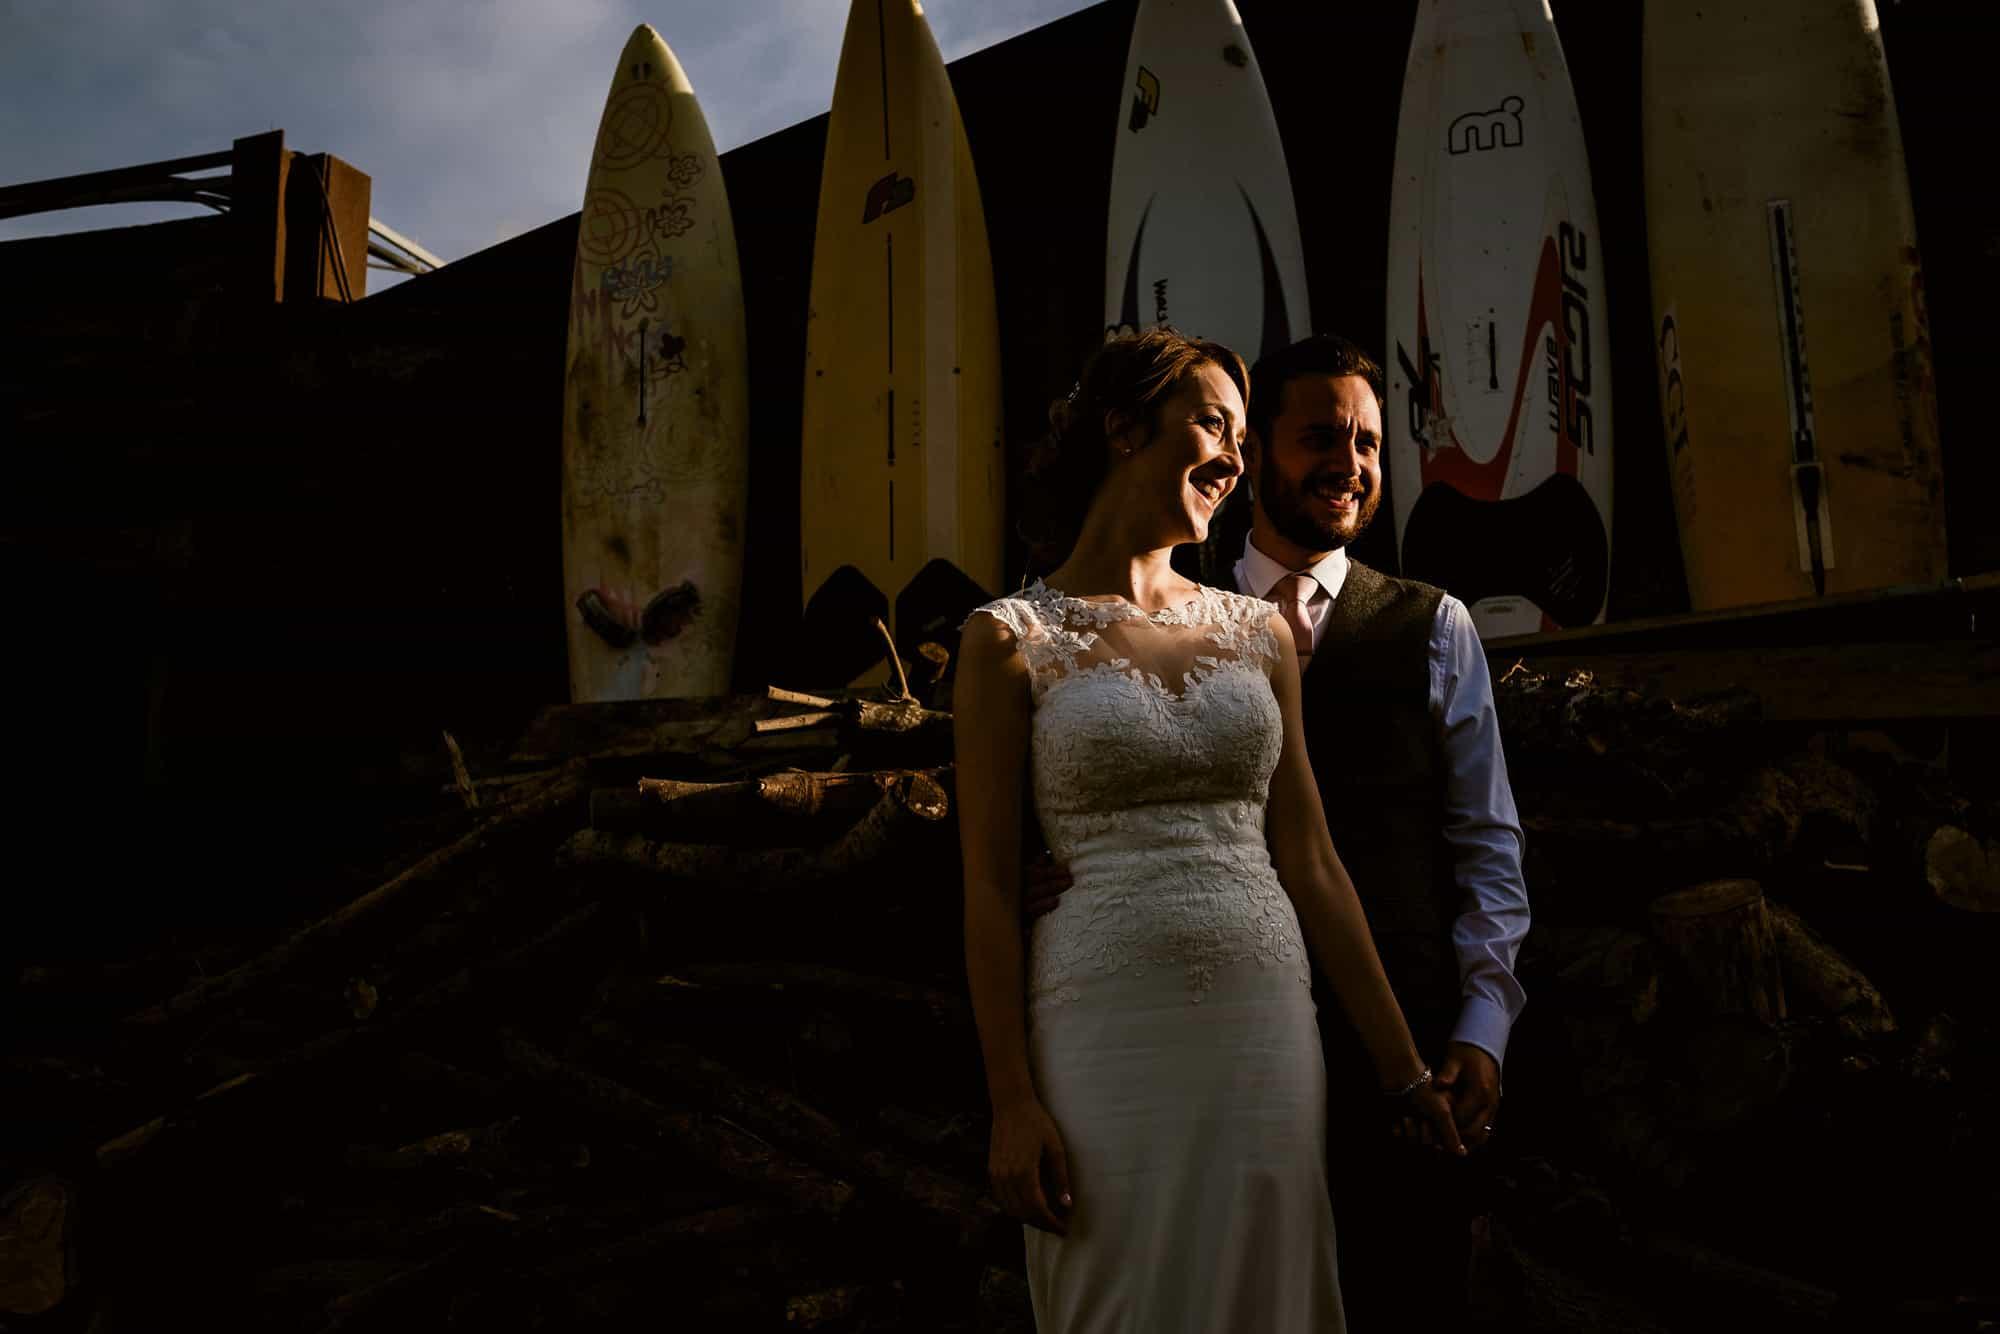 east-quay-wedding-photographer-matt-tyler-0068